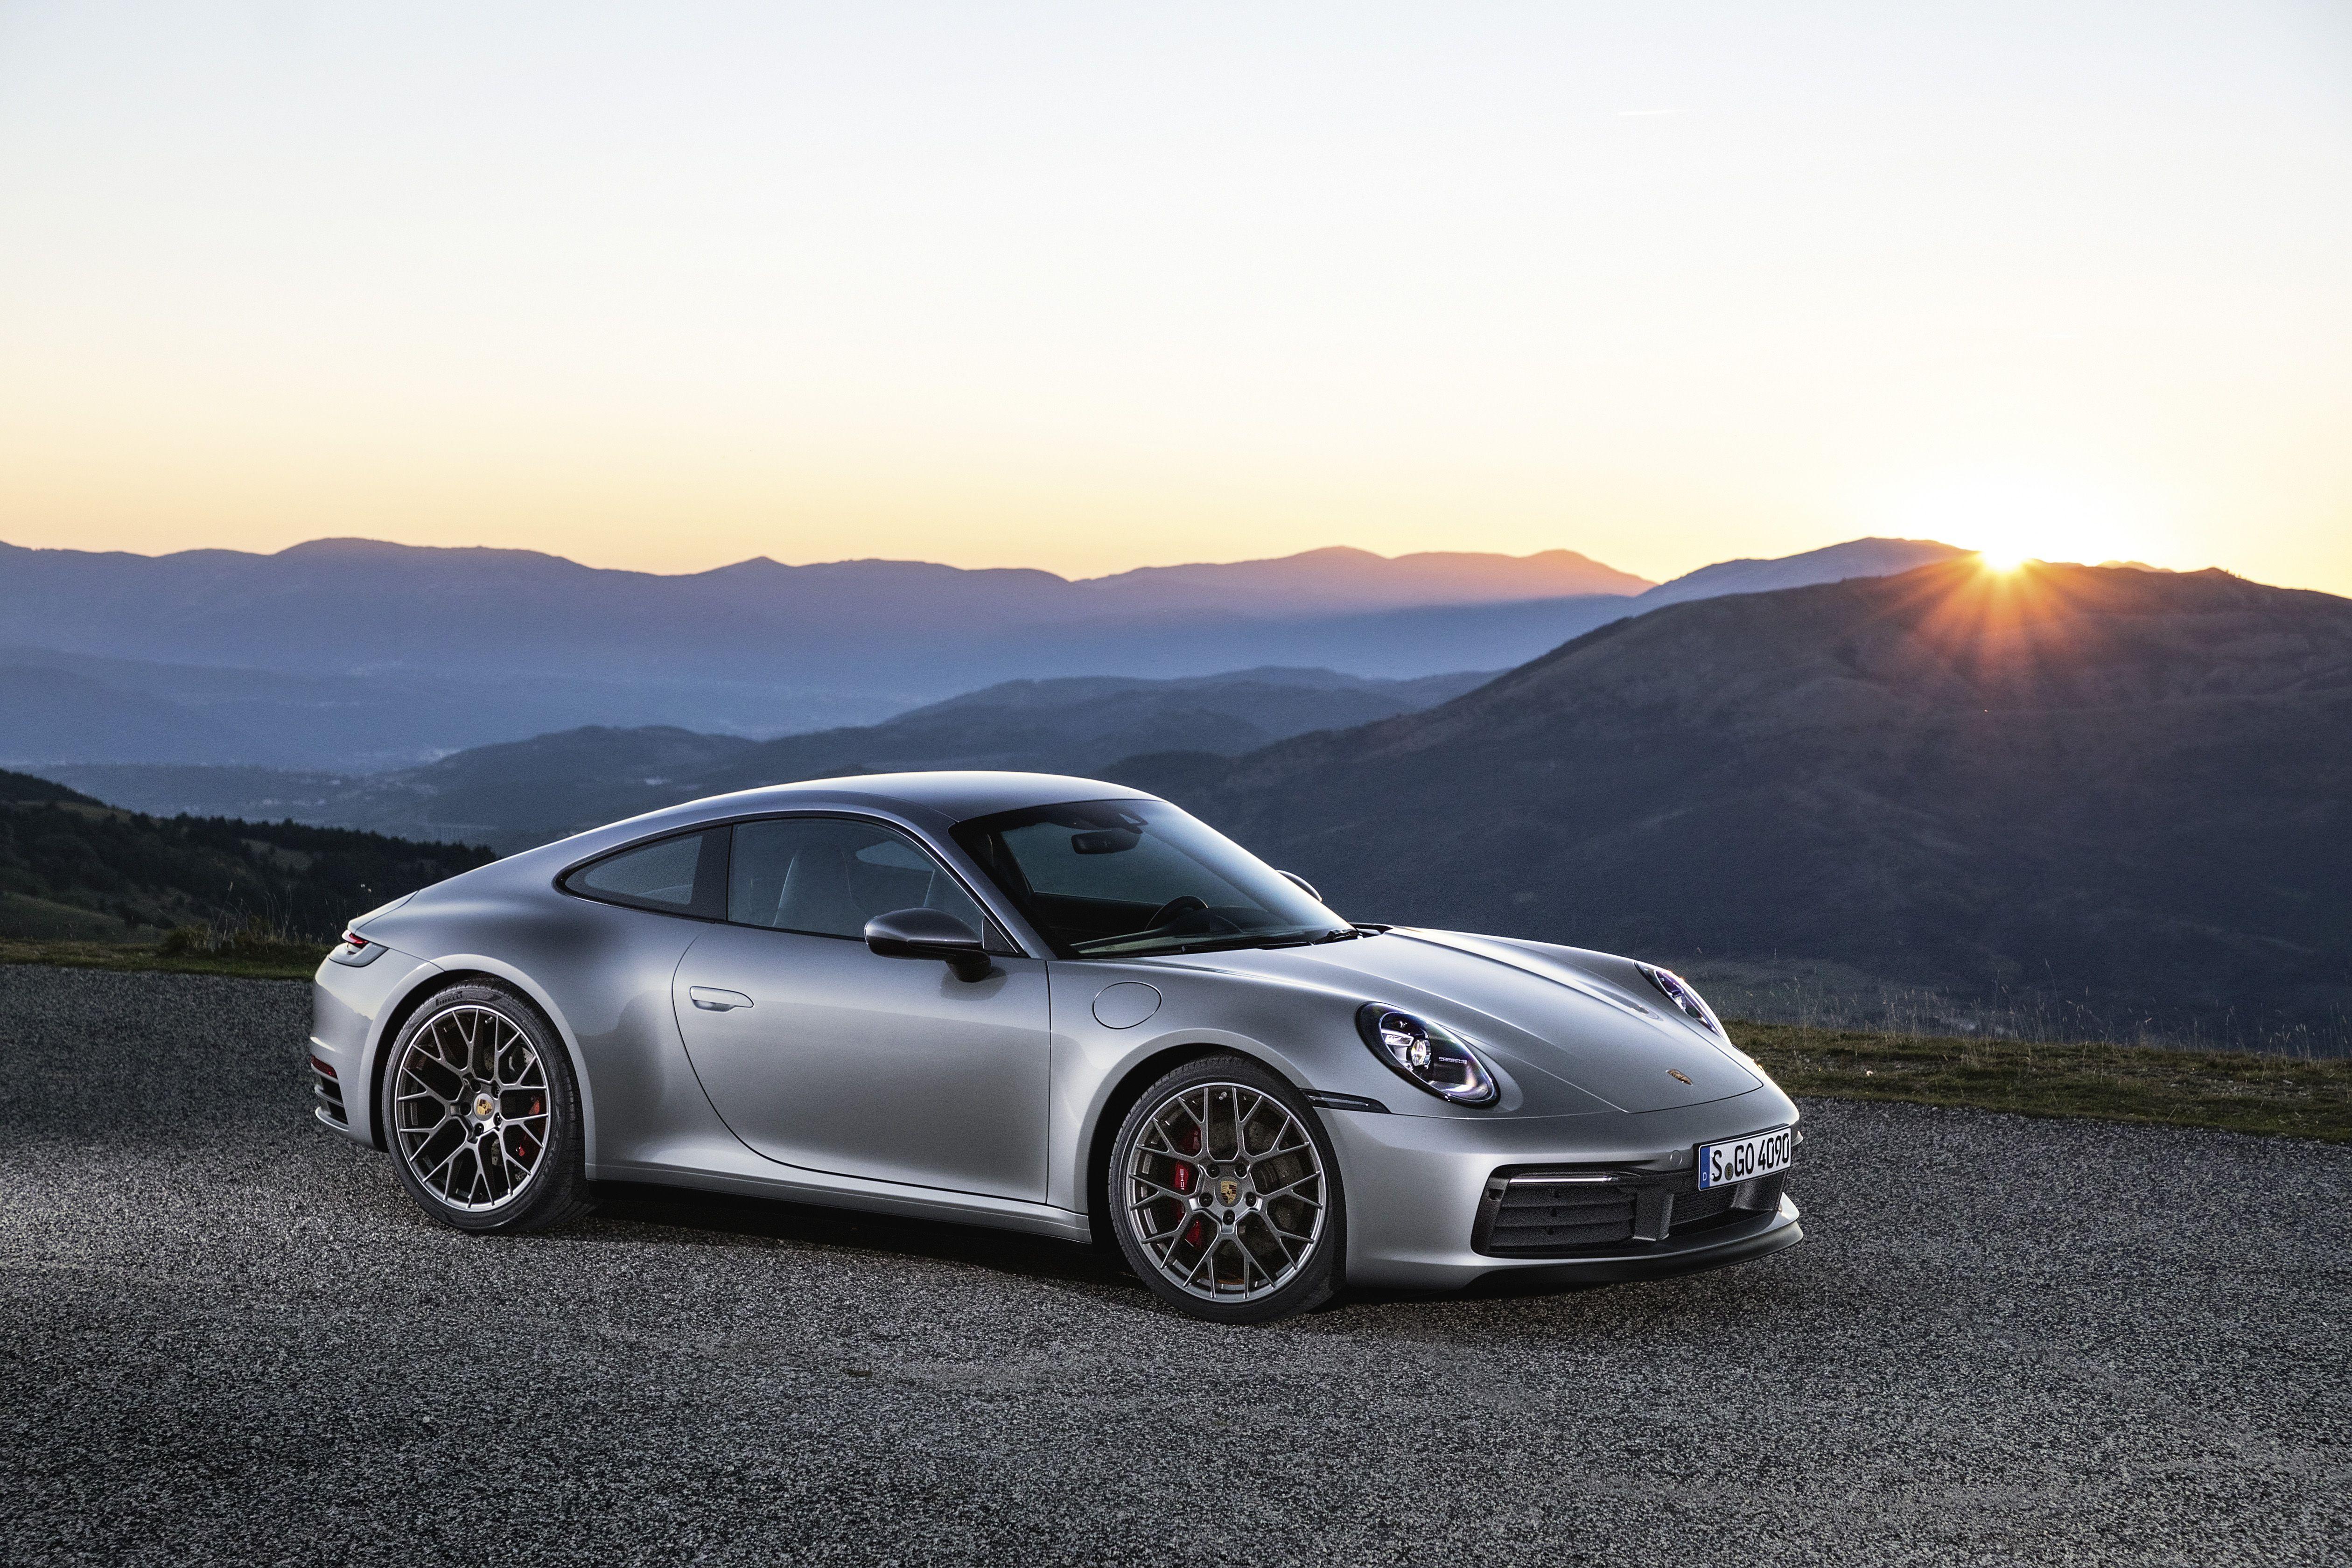 Wallpaper Of The Day 2020 Porsche 911 Porsche 911 New Porsche Porsche Cars